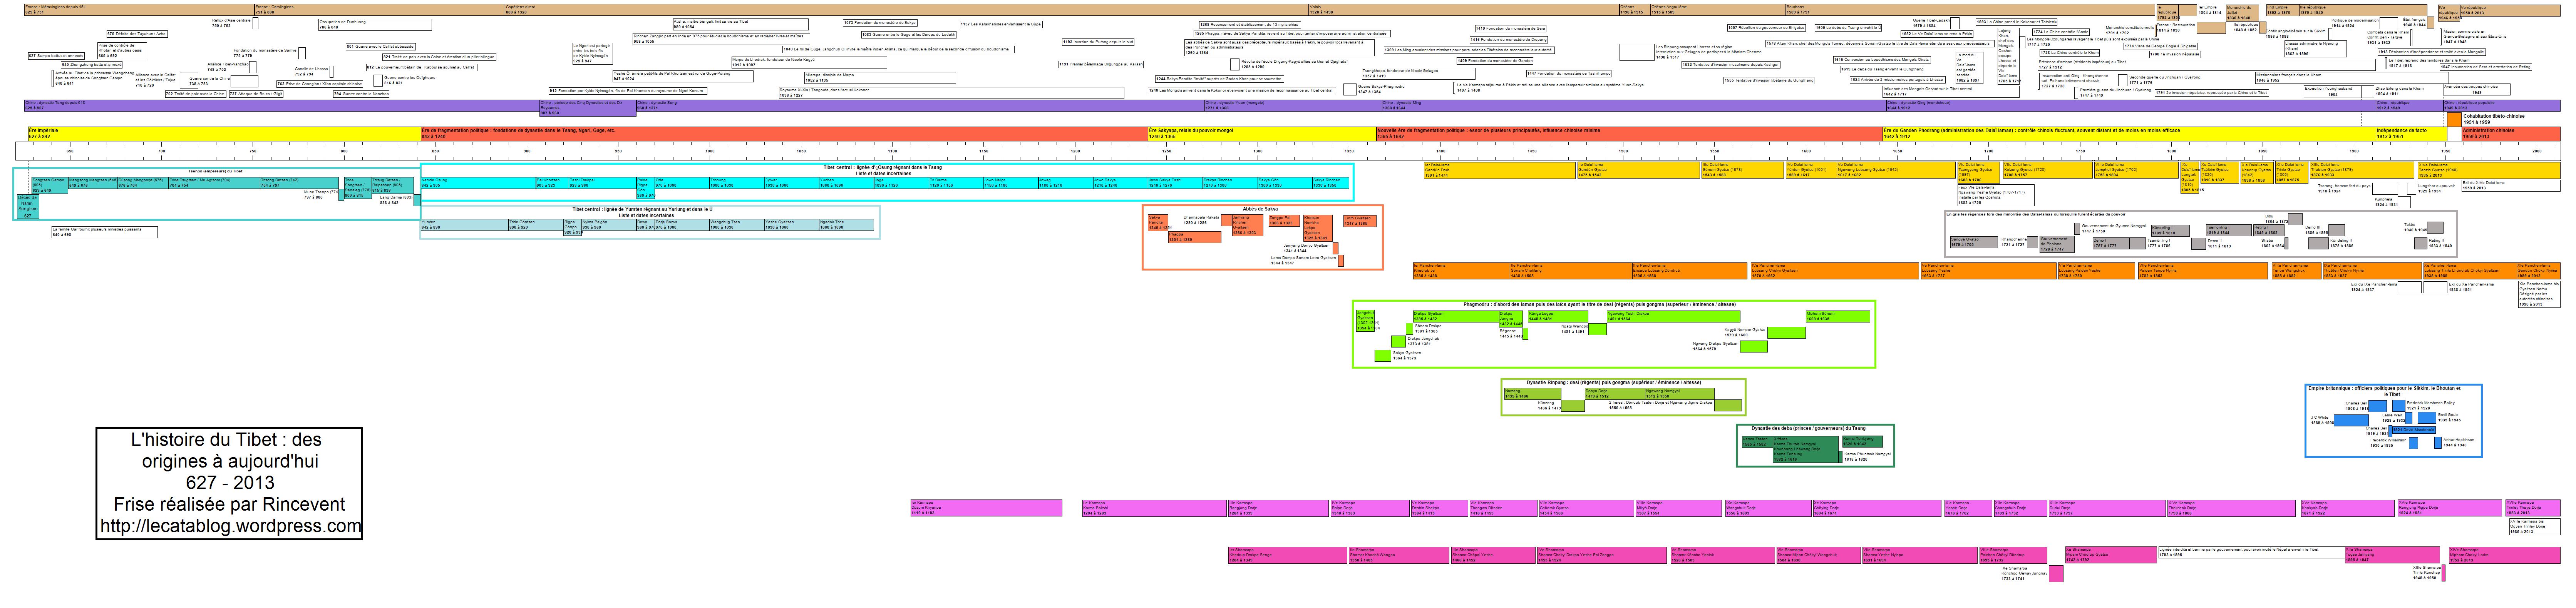 file frise chronologique de l u0026 39 histoire du tibet  627 - 2013  png